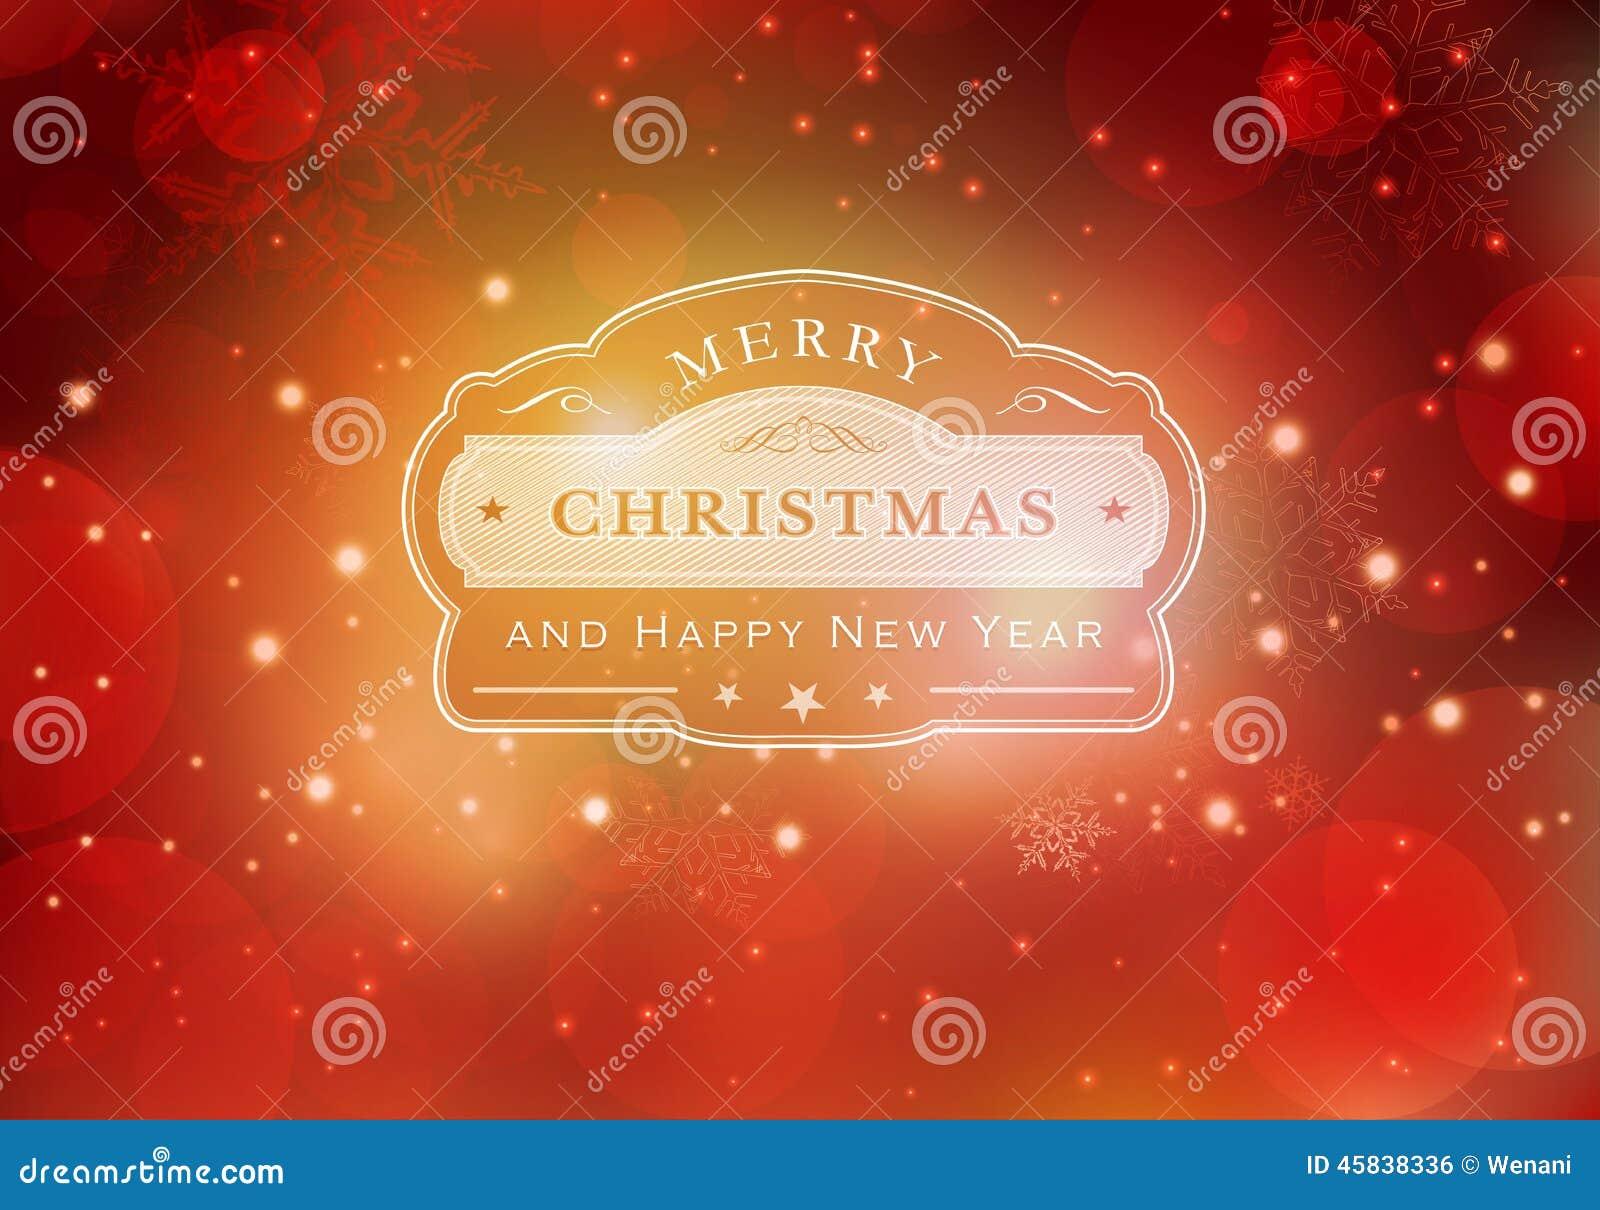 Κόκκινο υπόβαθρο τυπογραφίας Χαρούμενα Χριστούγεννας